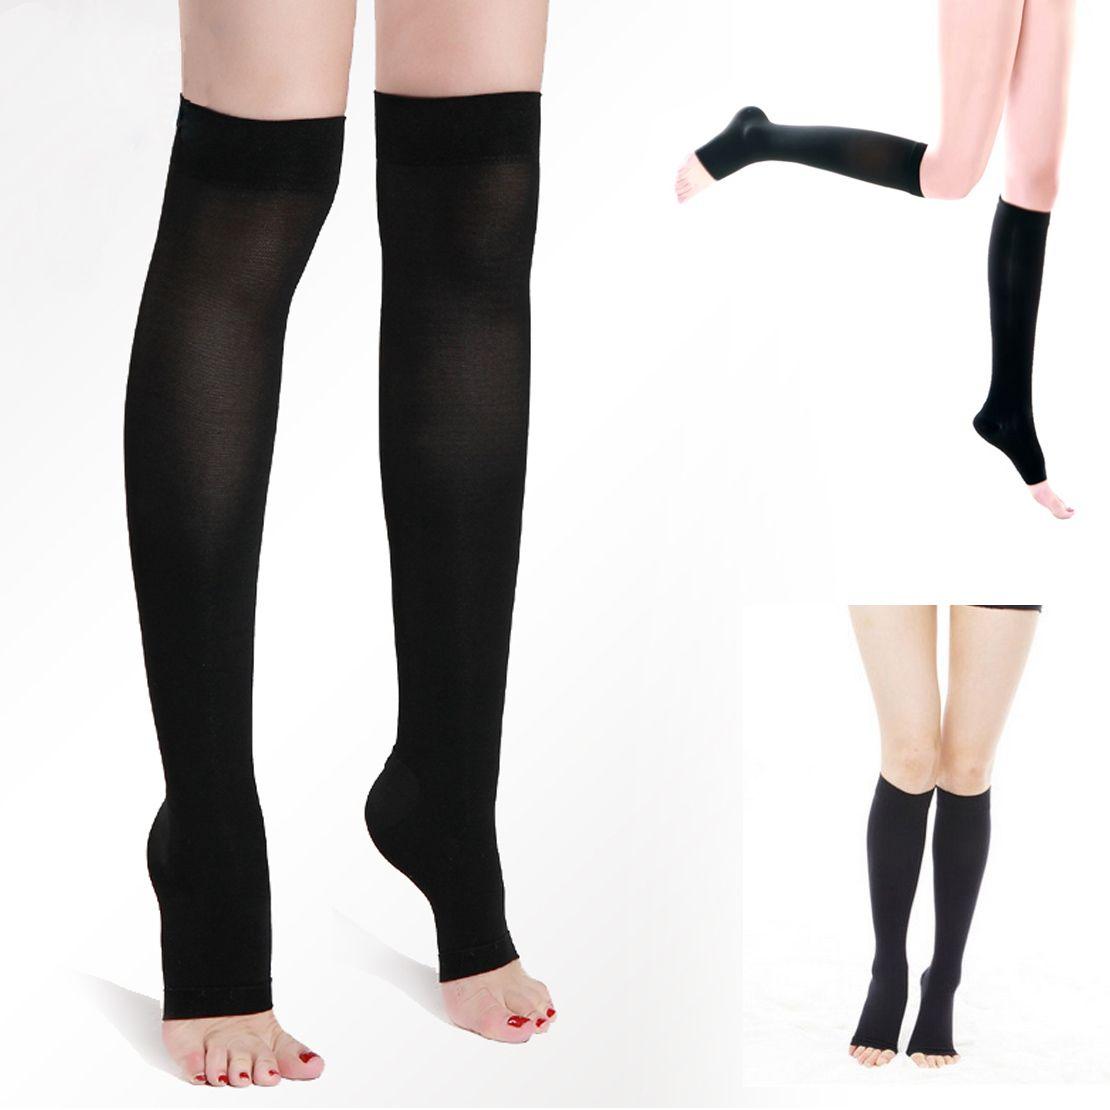 1 Para Neue Frauen Acrylon Knee High Compression Dünne Dünne Bein 30-40 mmhg Unterstützt Offene spitze Krampfadern gestaltung Strümpfe